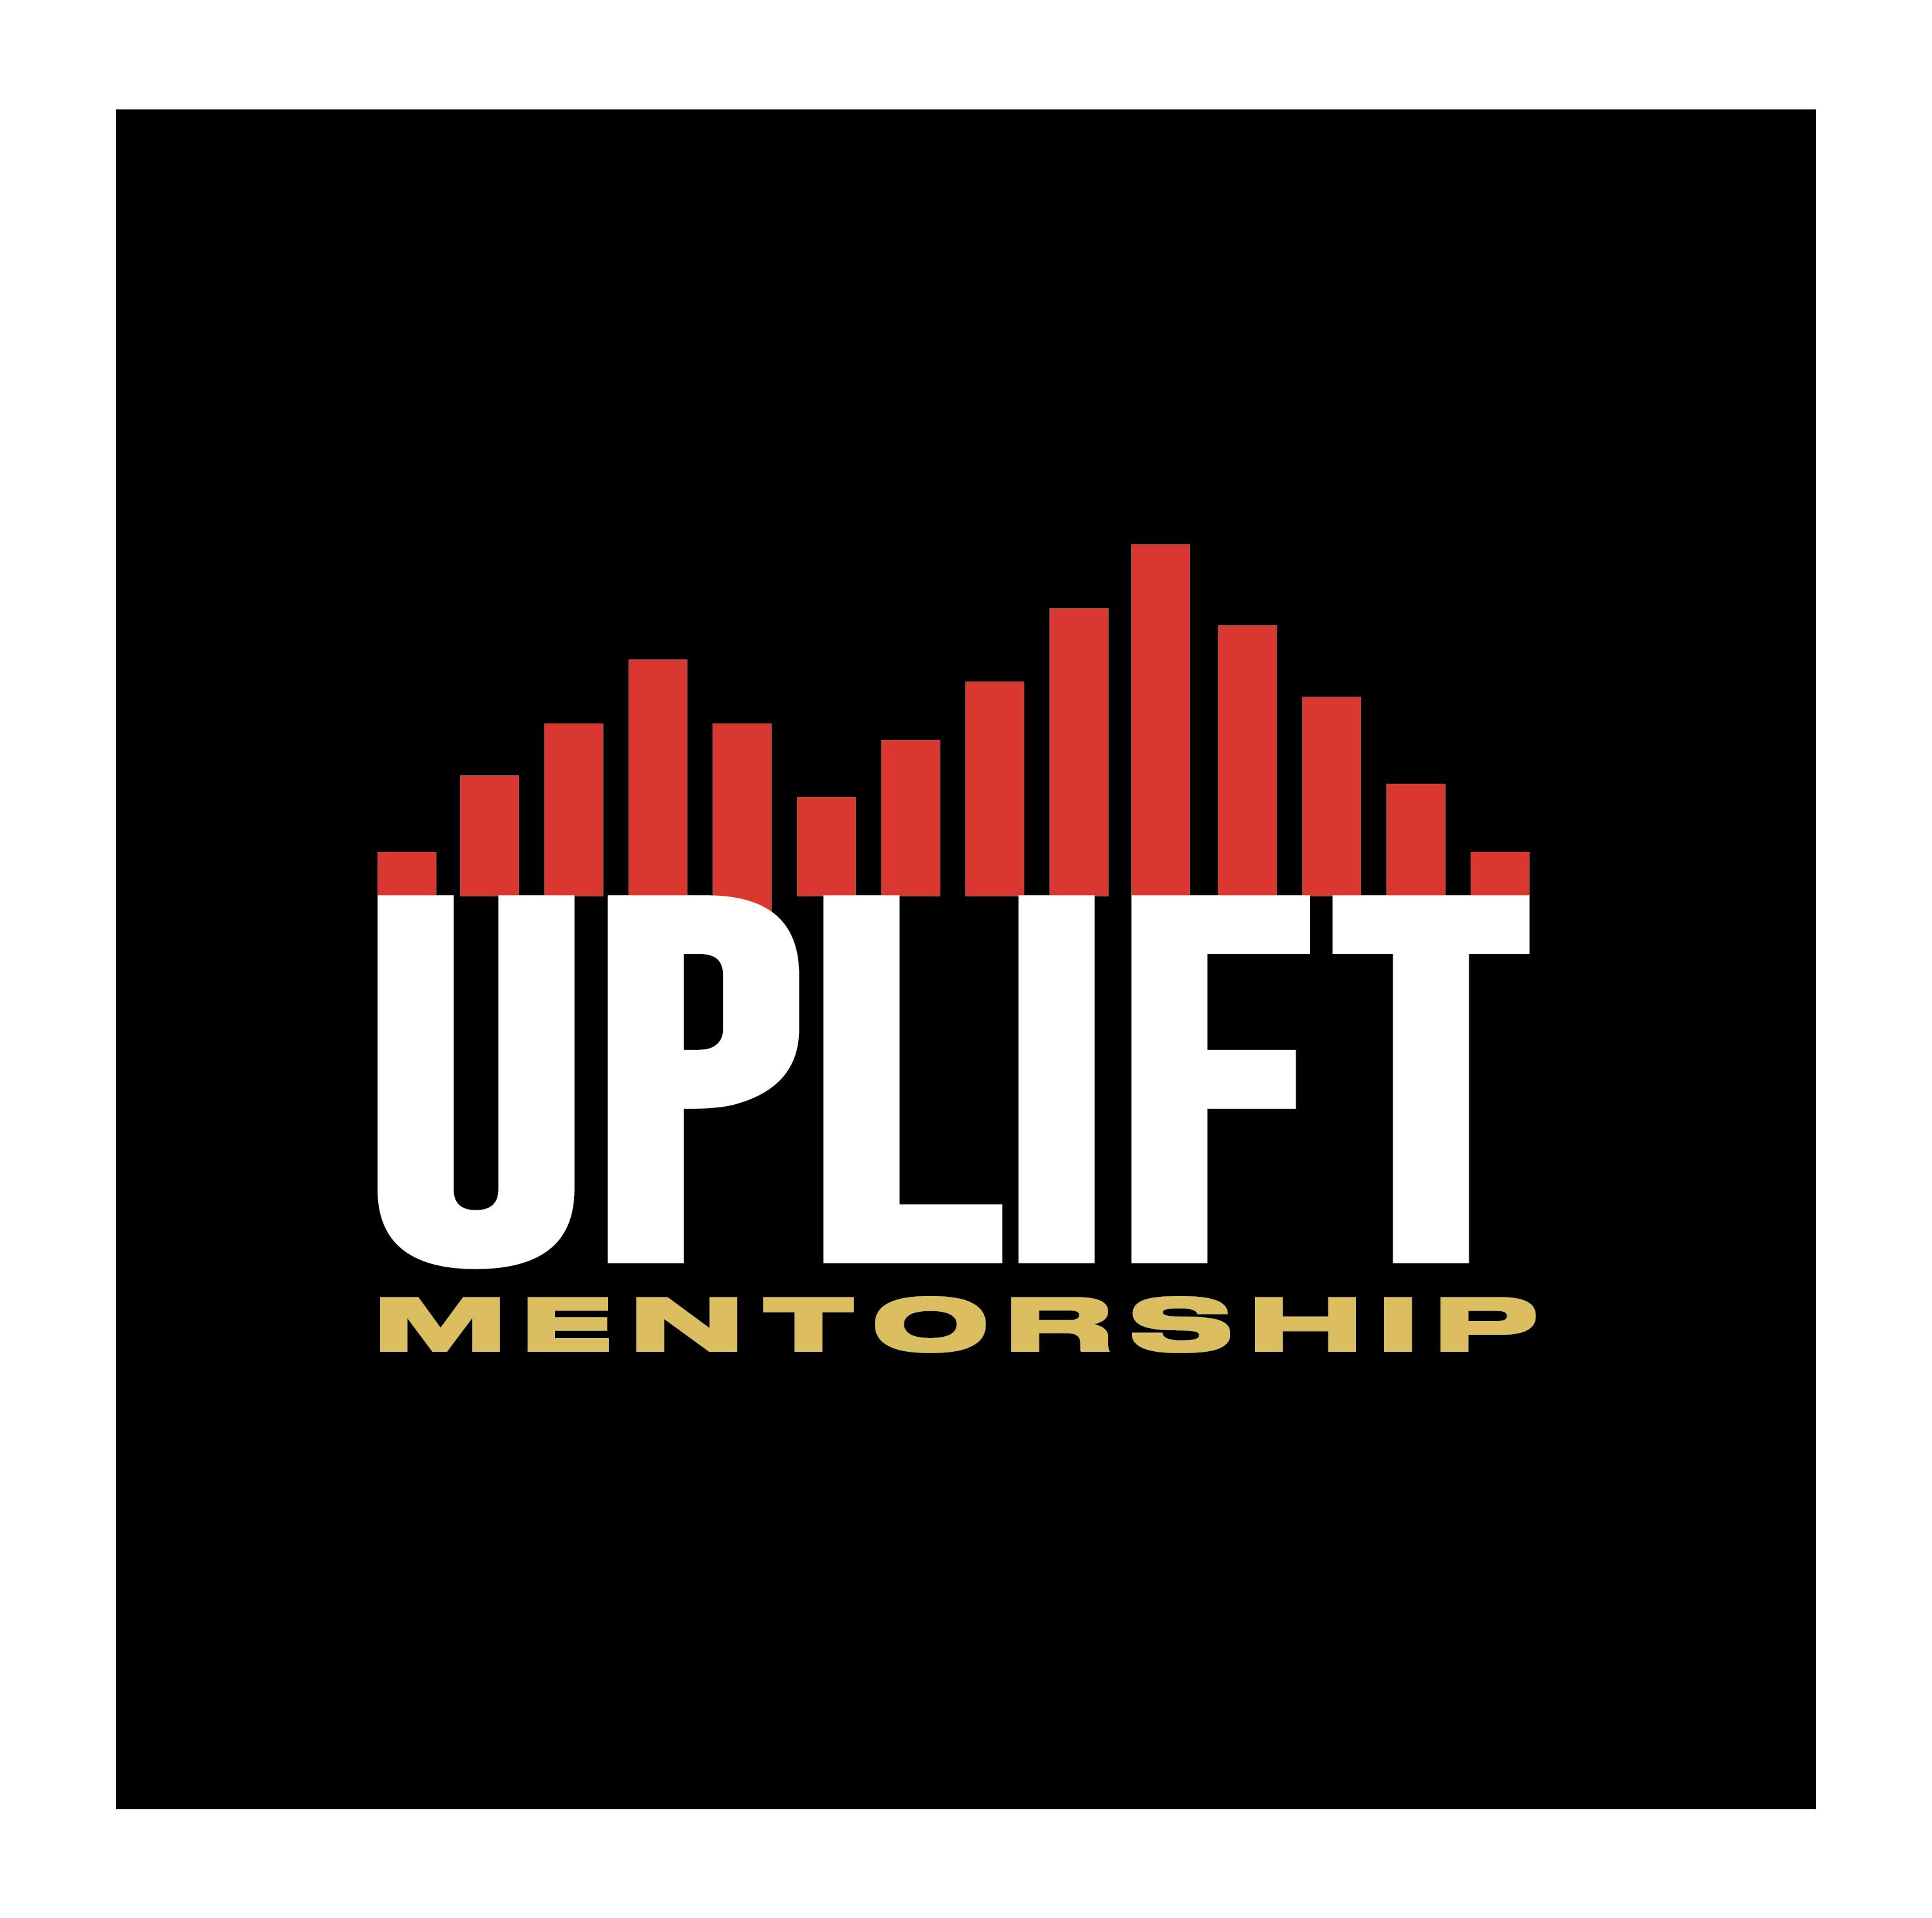 UPLIFT Mentorship Program